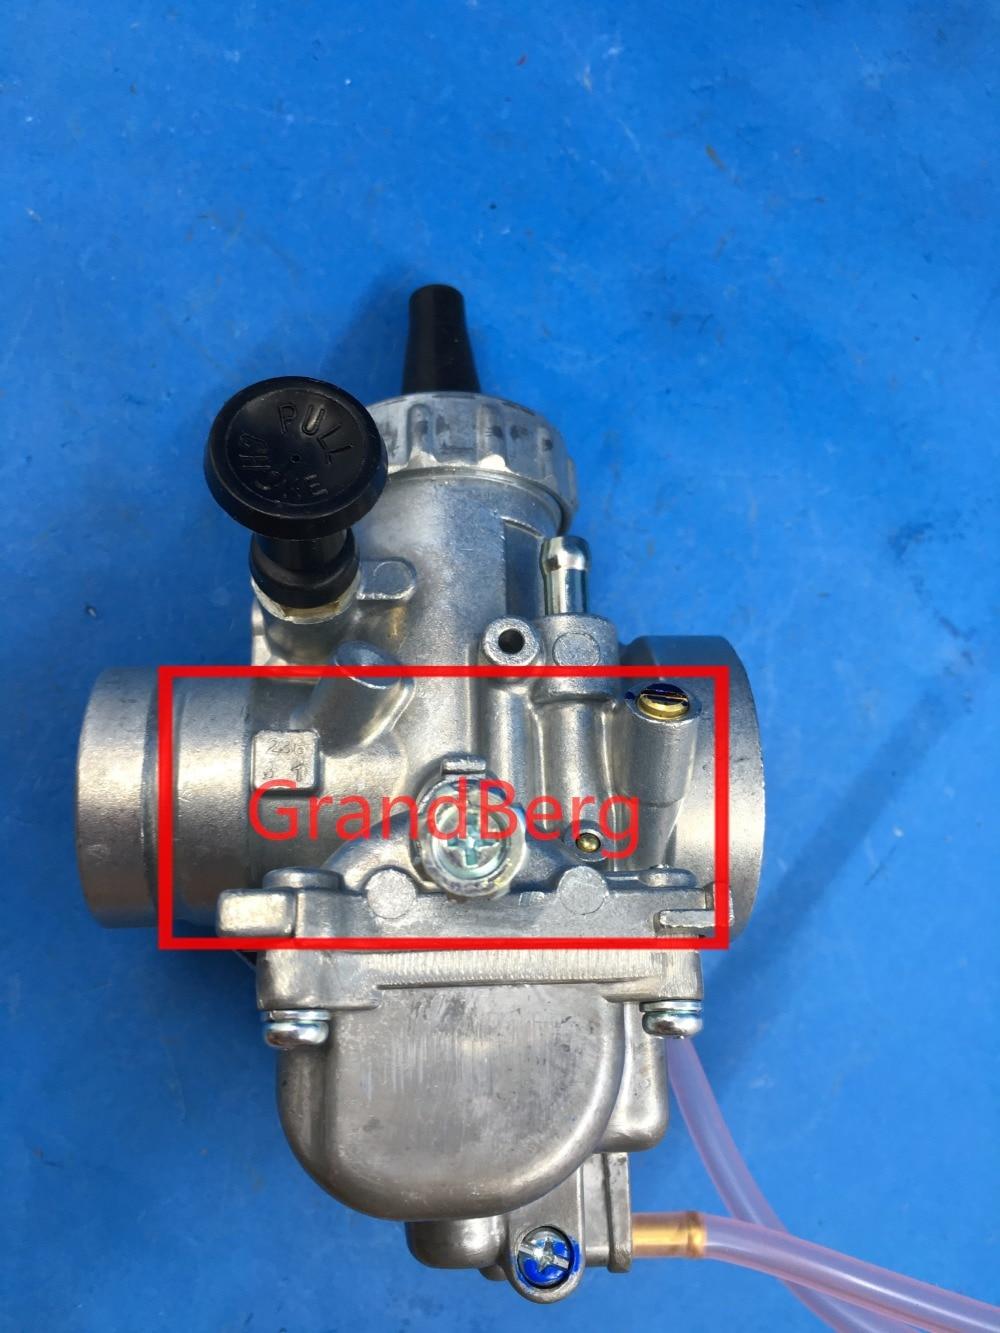 Carburateur 28 MM VM24 Mikuni fi pour 150CC 160CC Pit Dirt Bike ATV Quad Buggy carburateur carburateur